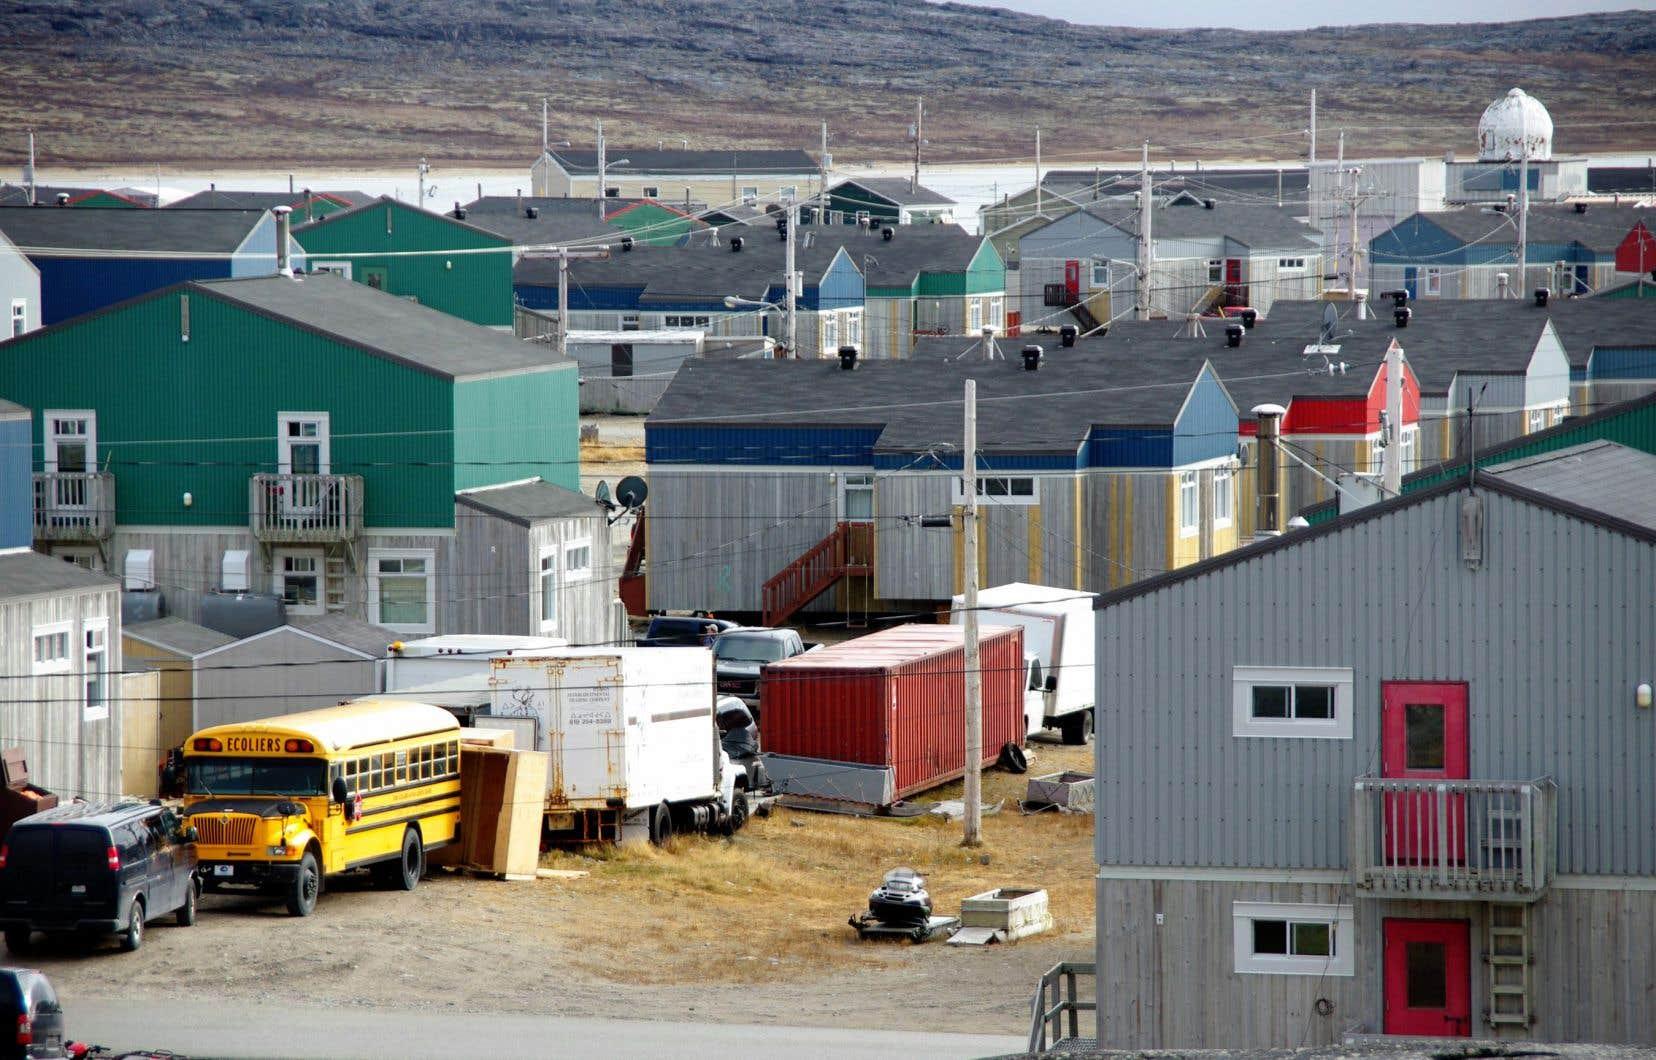 Les services infirmiers courants ne seront plus accessibles pour le village d'Inukjuak, dès la semaine prochaine.